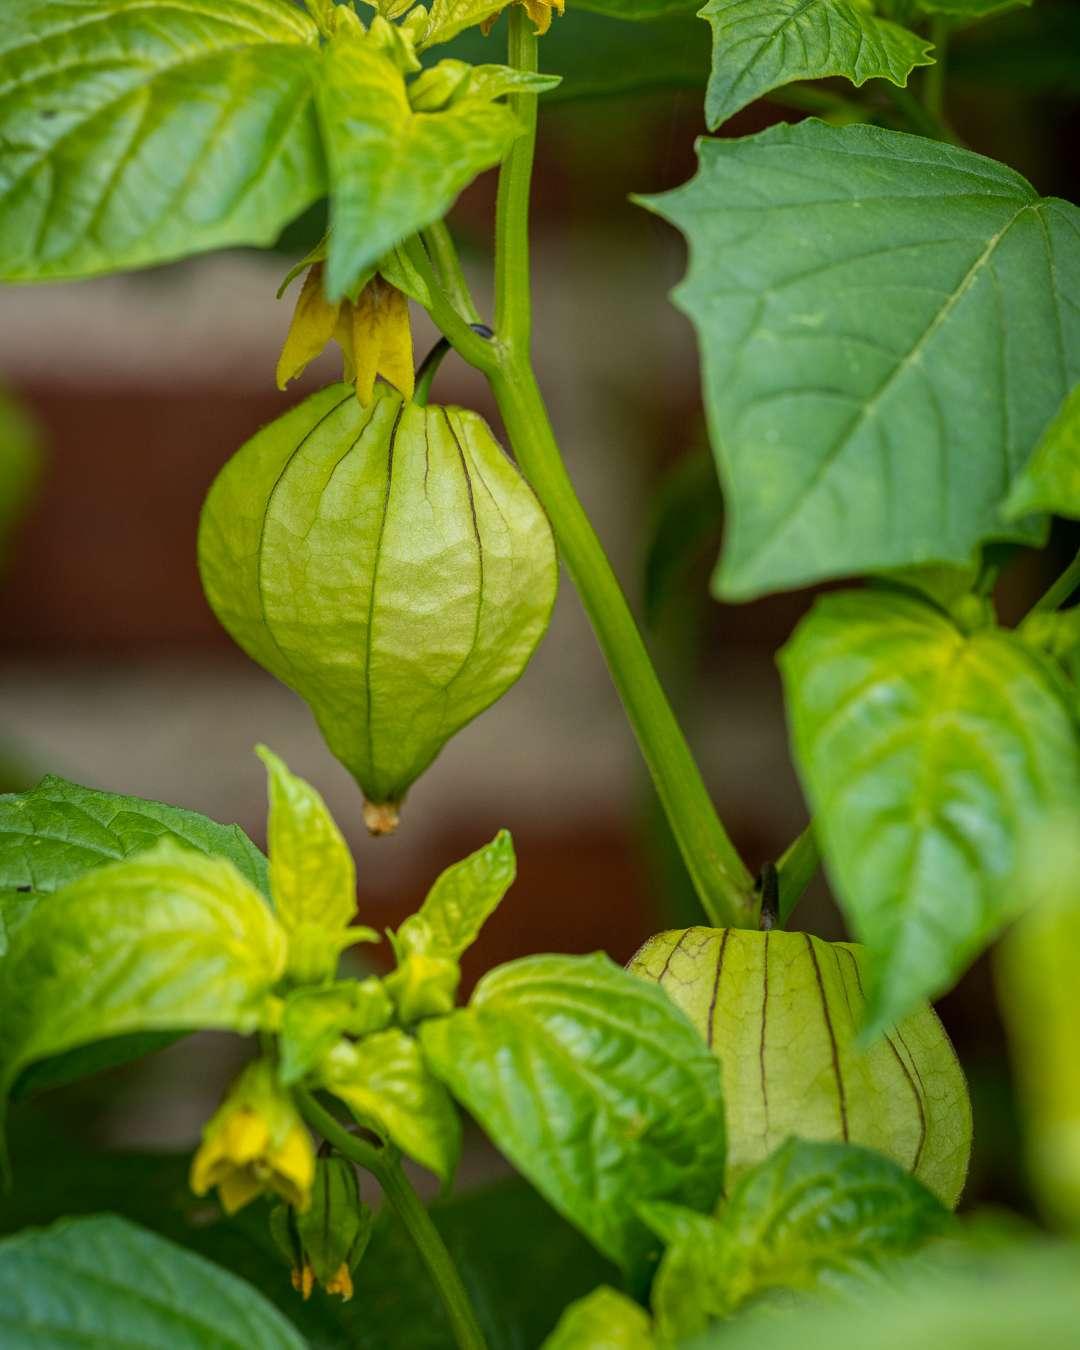 Den spøjse tomatillo er uundværlig i det mexicanske køkken